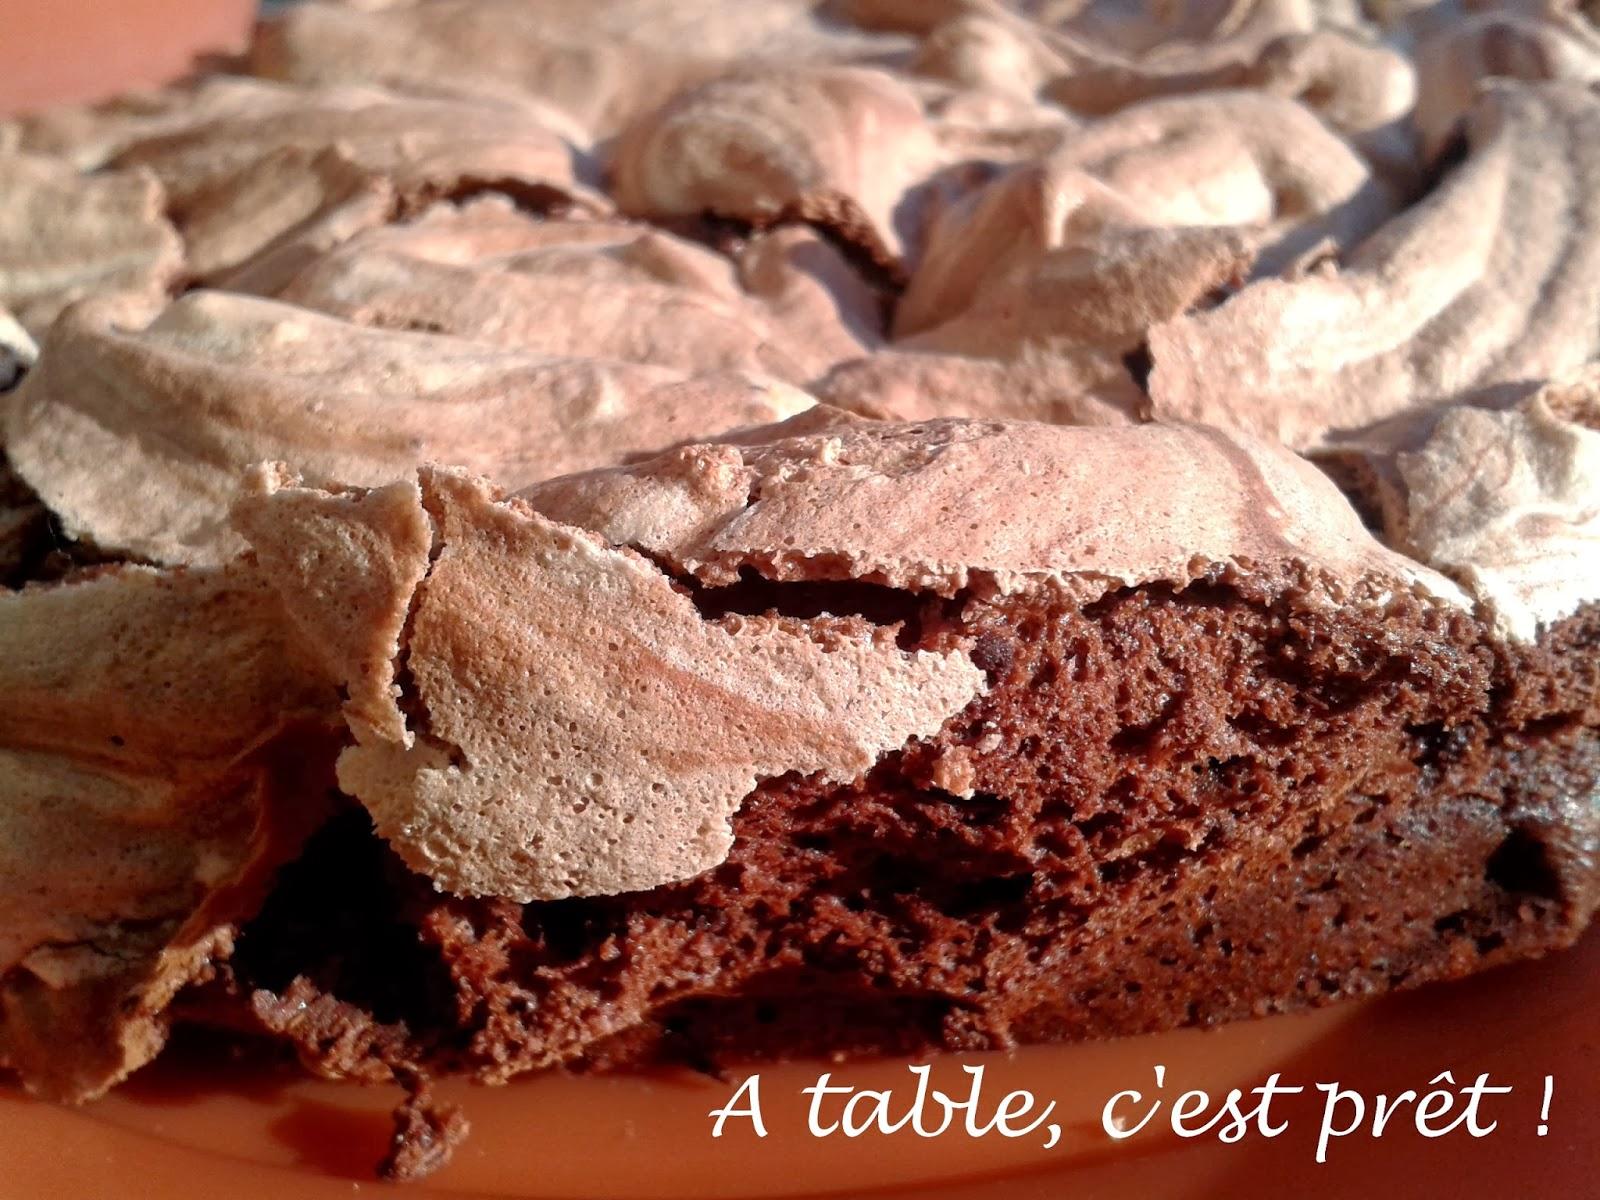 Table c 39 est pr t g teau au chocolat meringu - Grille adjoint administratif 2eme classe ...